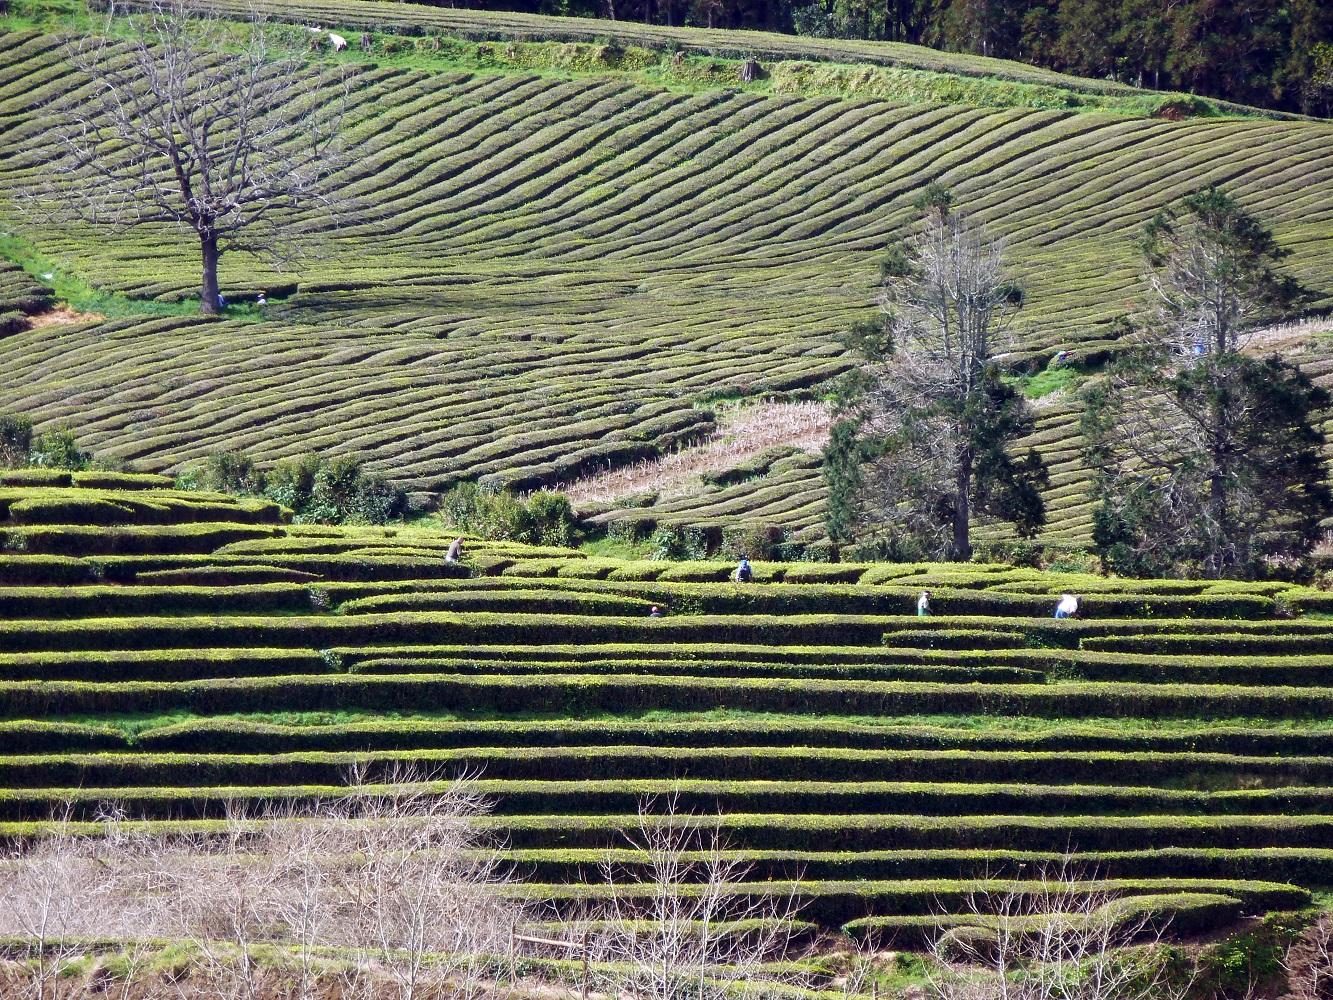 Mein Schiff Ausflugsziel: Teeplantagen Ribeira Grande